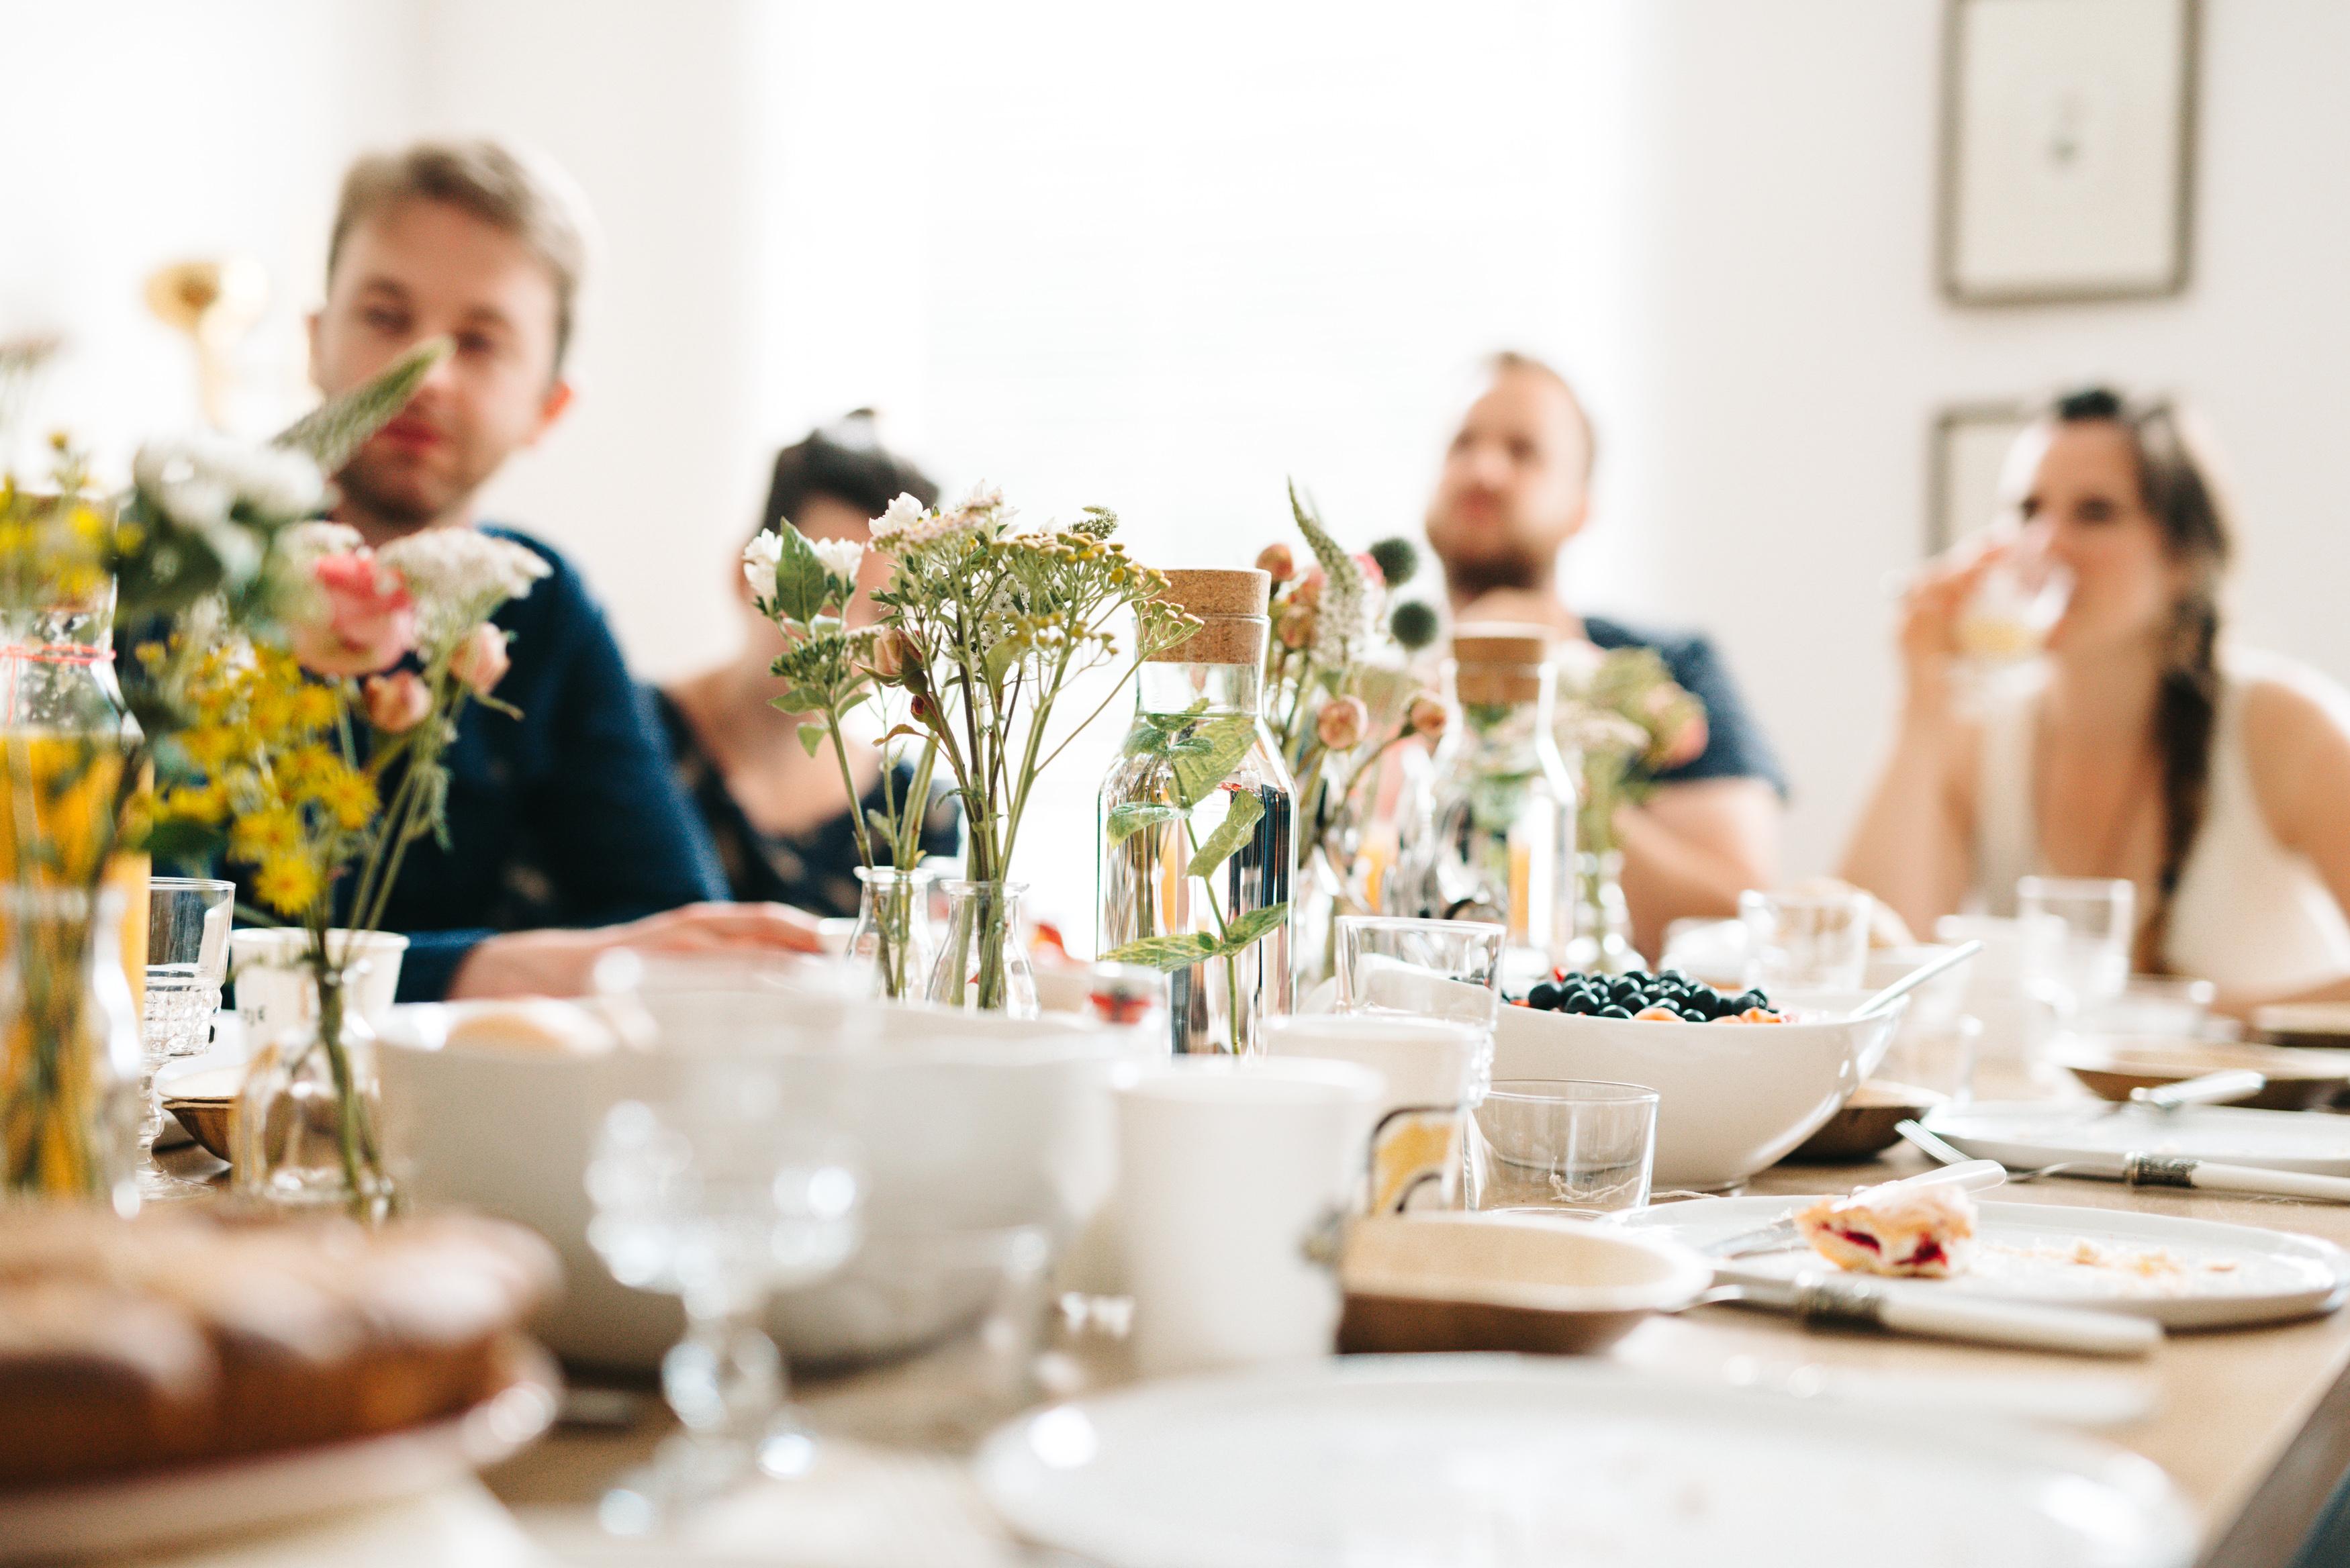 breakfastwithmabel-juli16-melissamilis-38